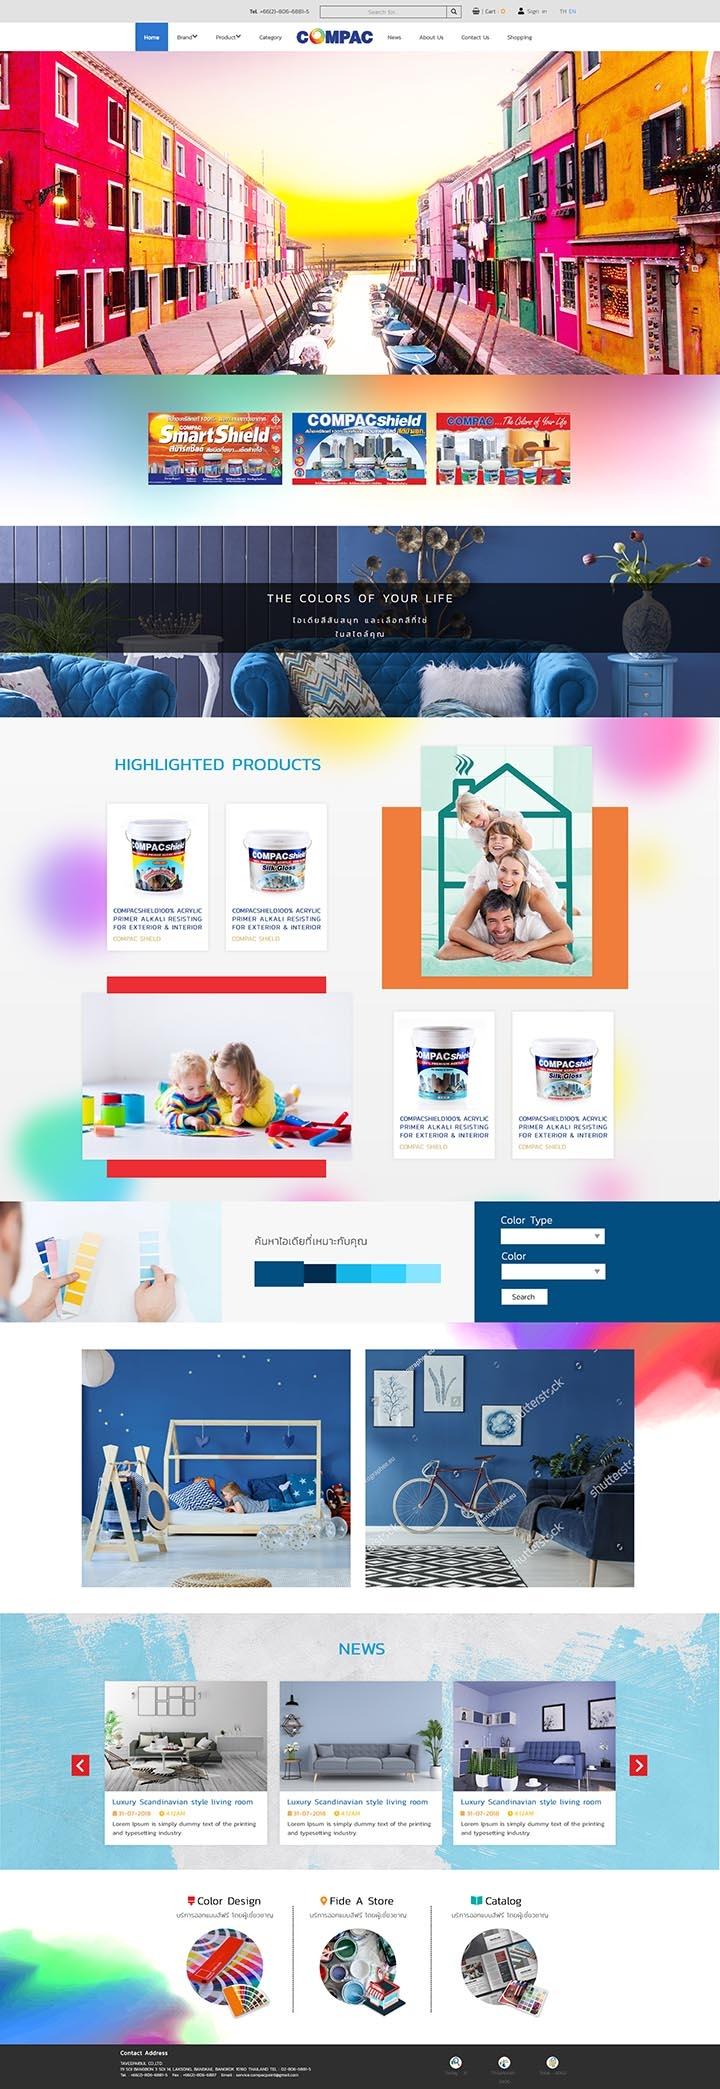 บริษัทรับทำเว็บไซต์สีทาบ้าน,ทำเว็บสีทาอาคาร,ออกแบบเว็ปเคมีภัณฑ์,บริษัททำเว็บขายสินค้าออนไลน์